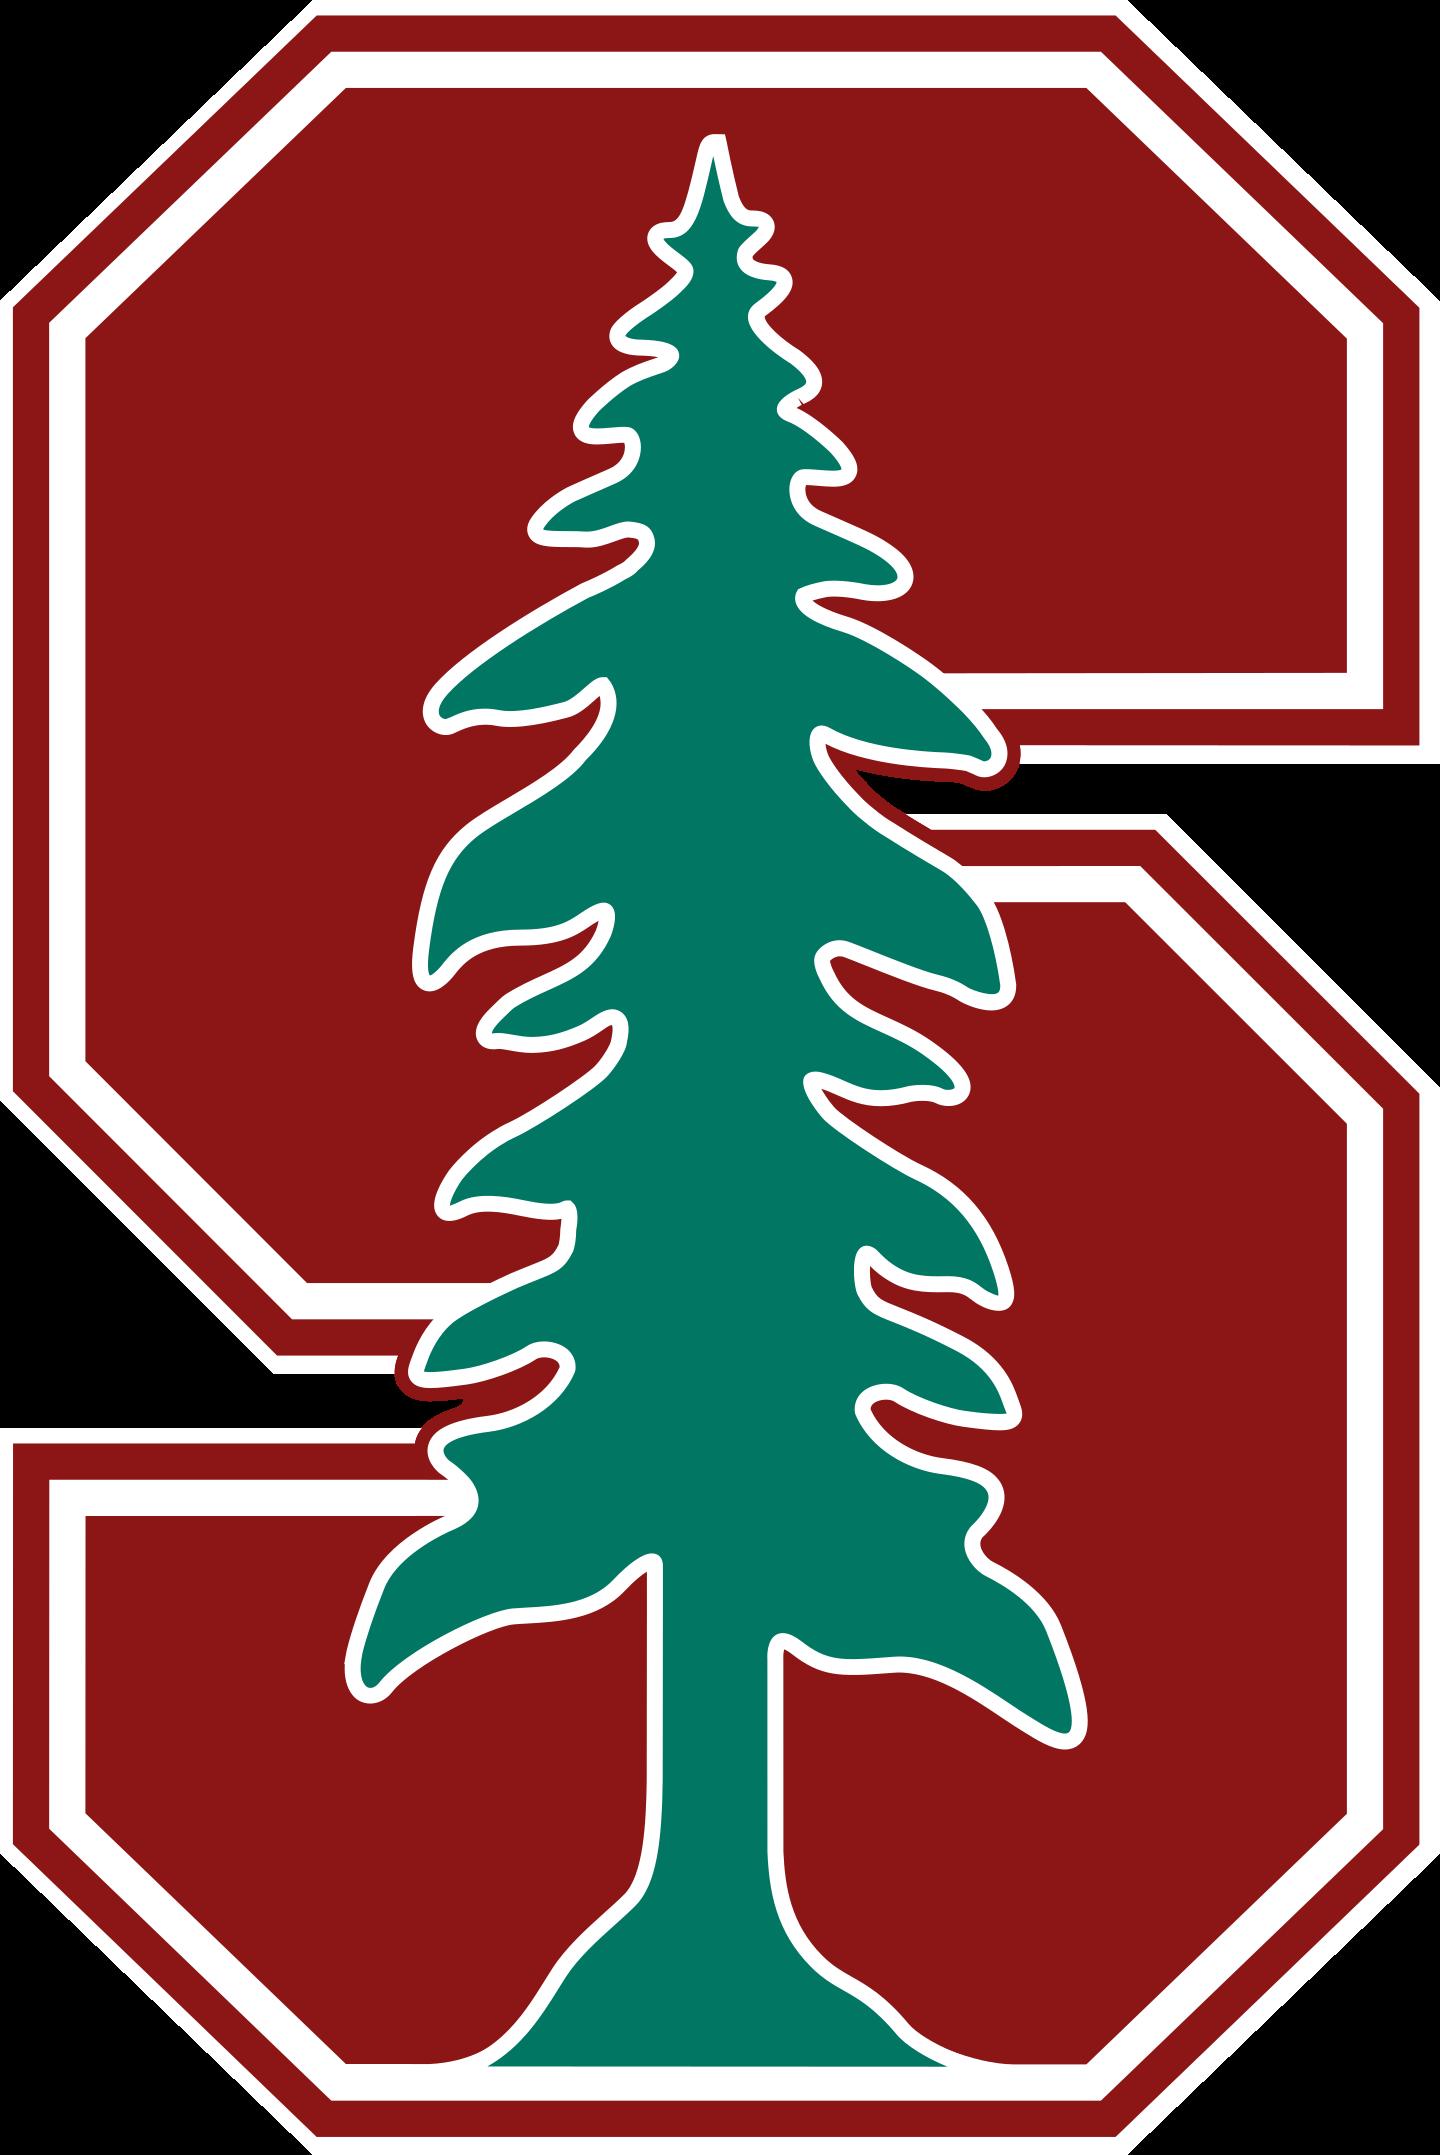 stanford university logo 3 - Universidad Stanford Logo